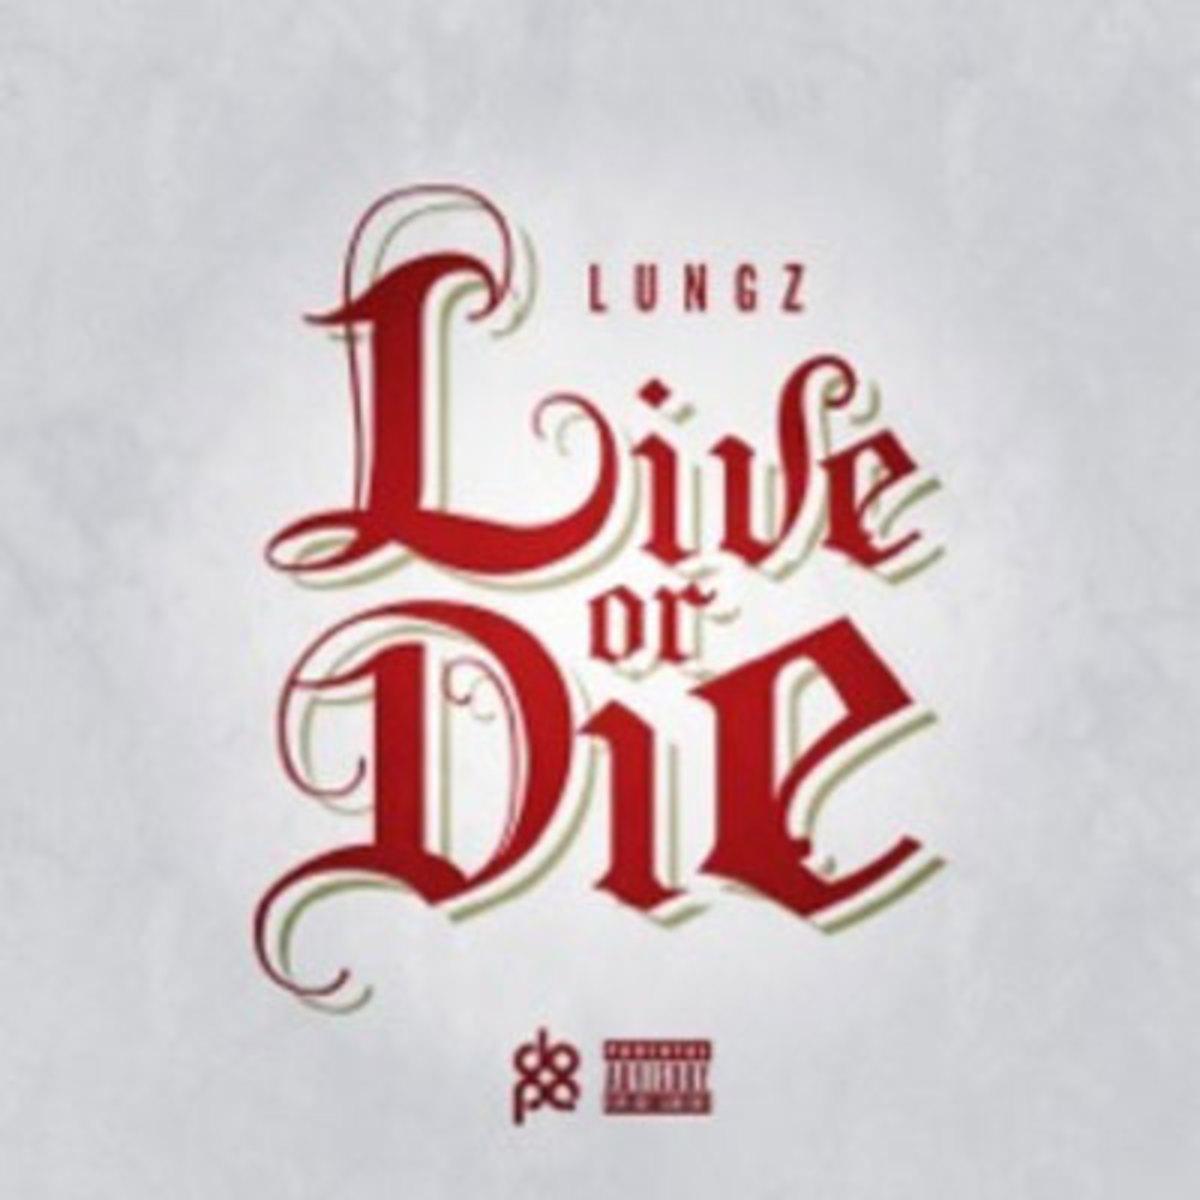 lungz-liveordie.jpg